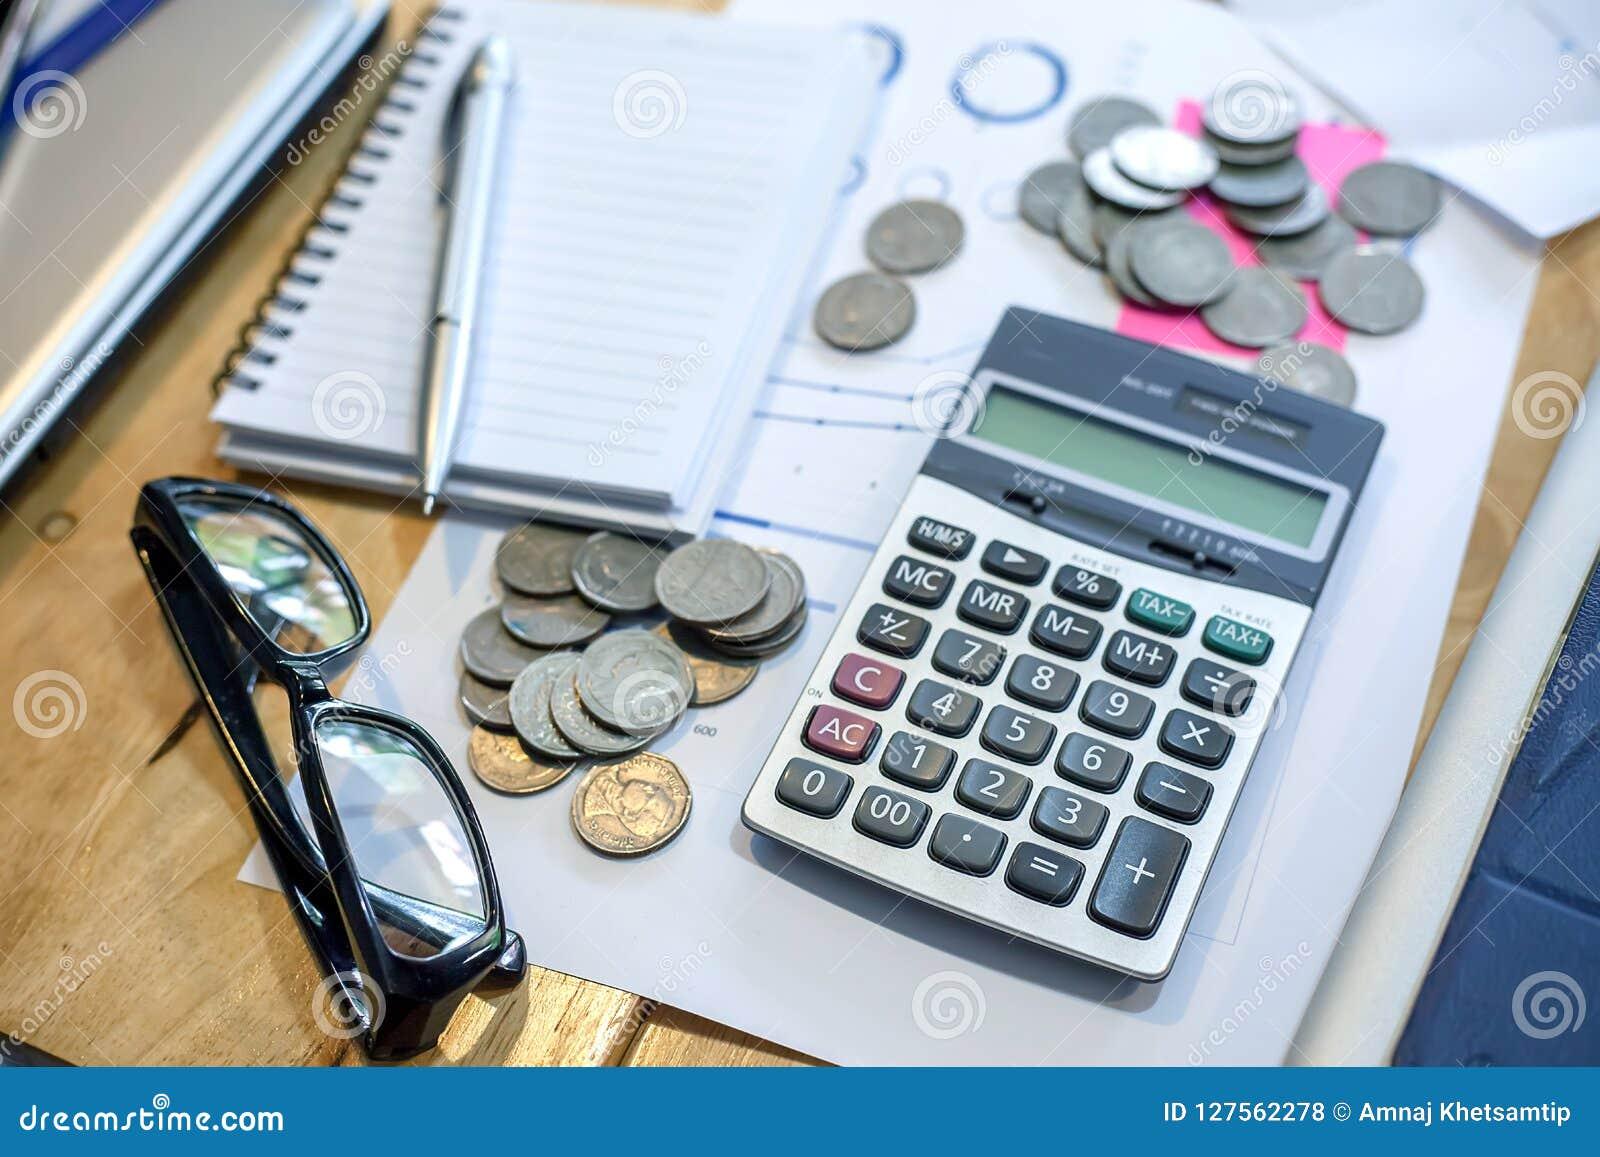 Calculator, notebook, pen, coins on his desk.